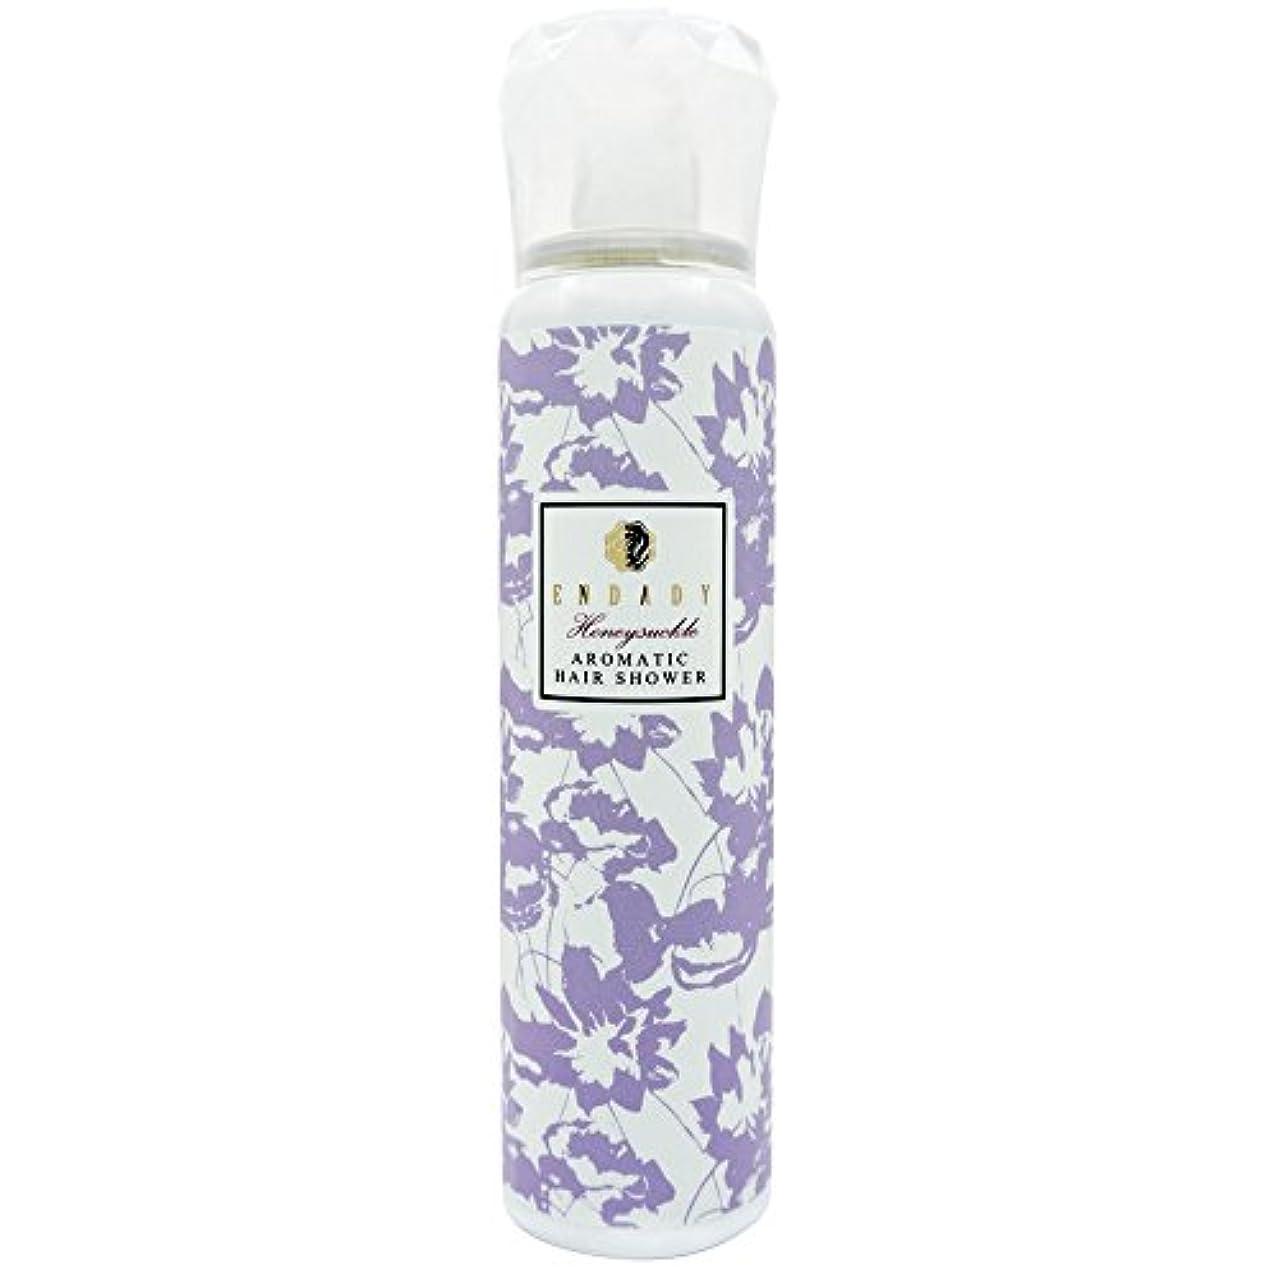 オセアニアマナーエイズエンダディ アロマティック ヘアシャワー 〈ハニーサックルの香り〉 (90g)